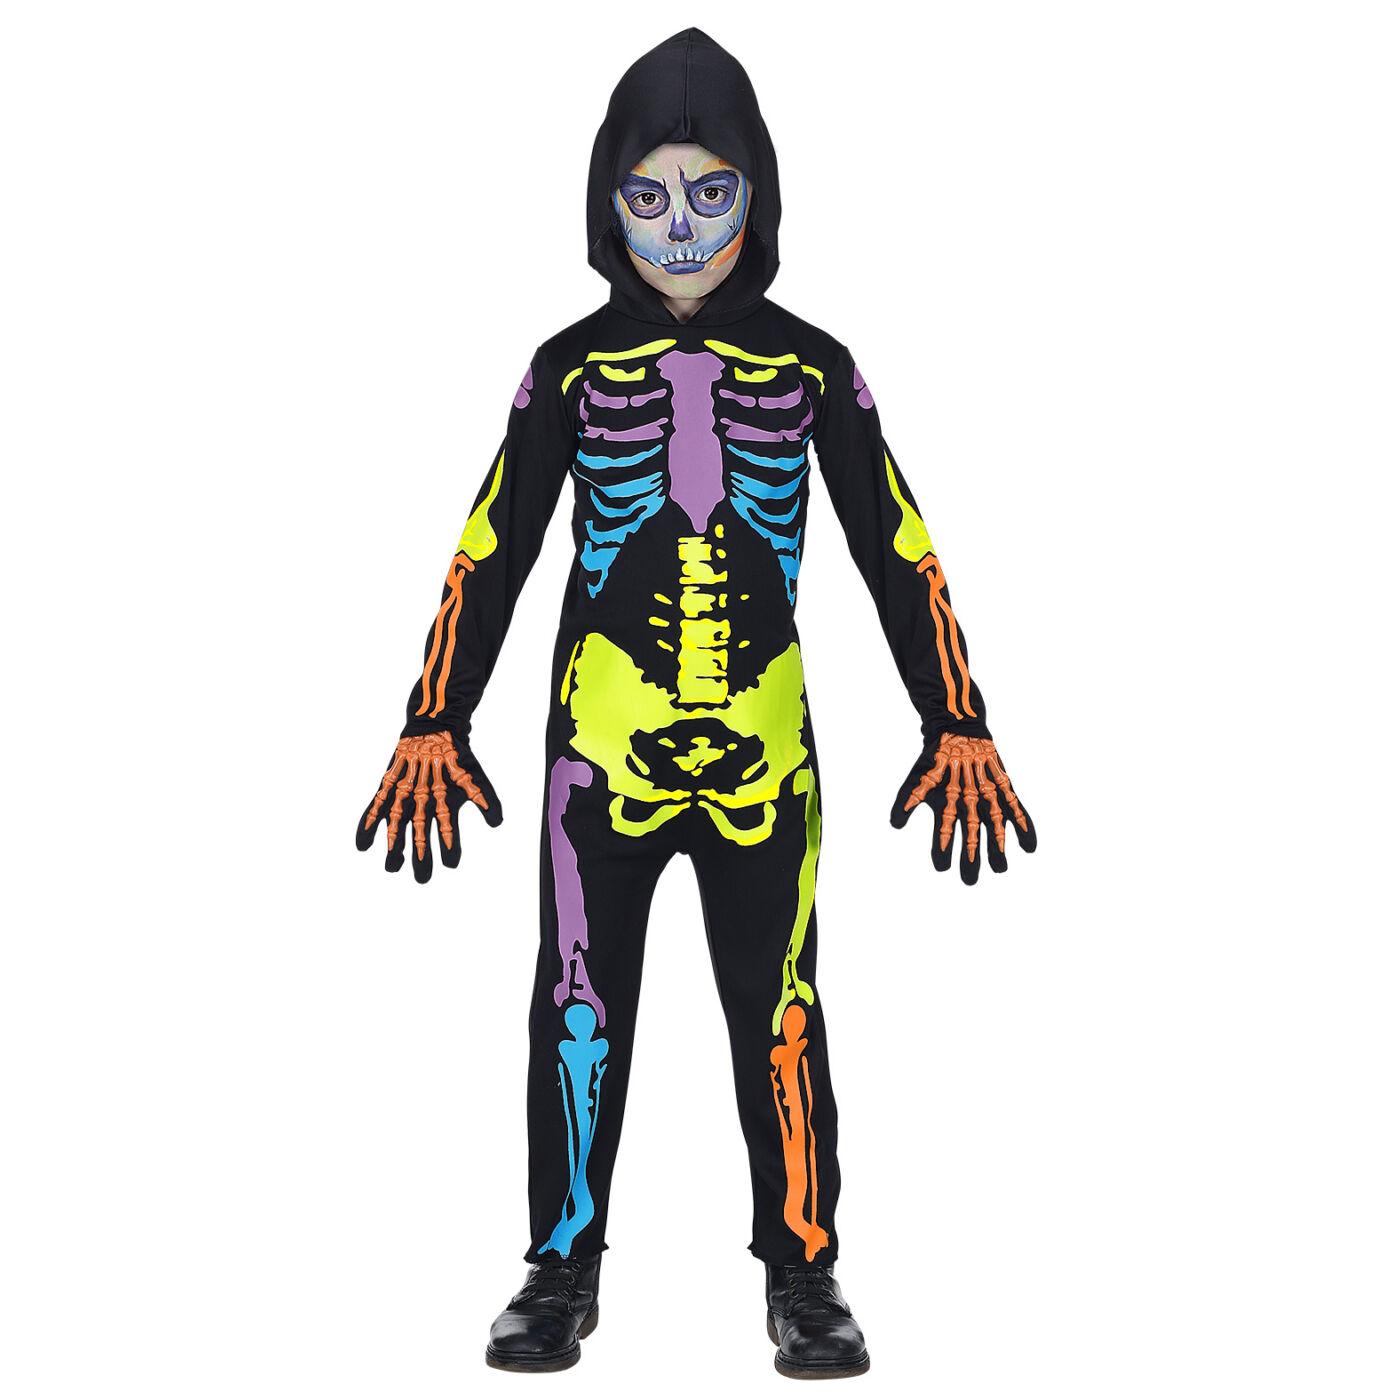 Színes csontváz jelmez 128-as